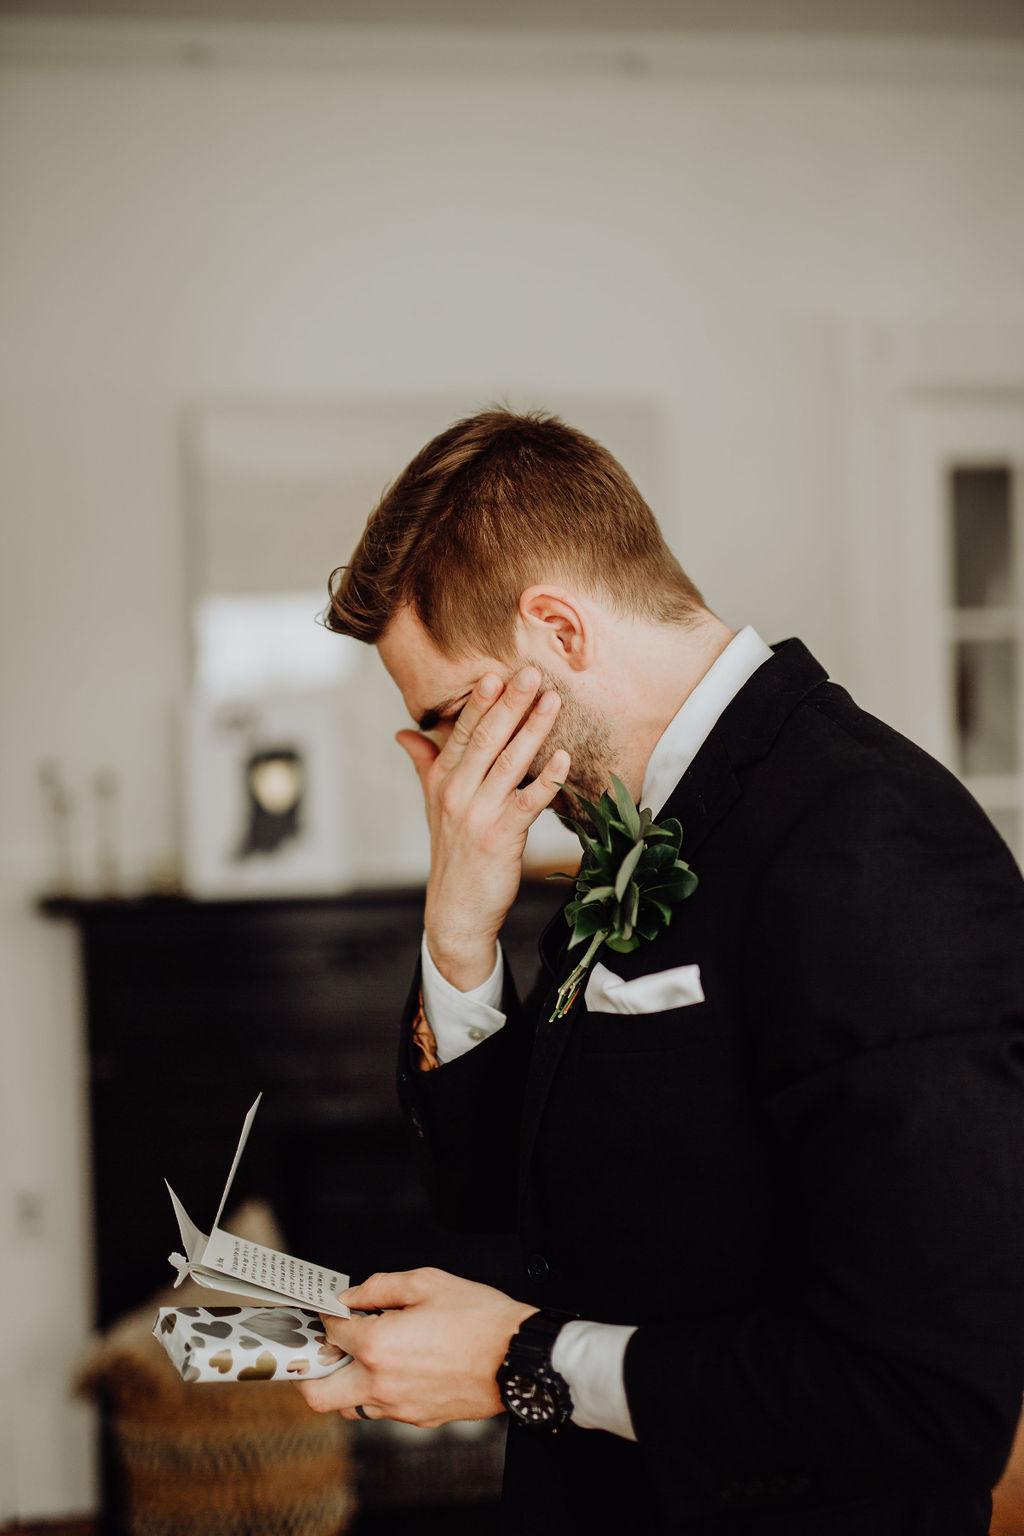 Our Intimate Courthouse Wedding | Miranda Schroeder Blog | www.mirandaschroeder.com